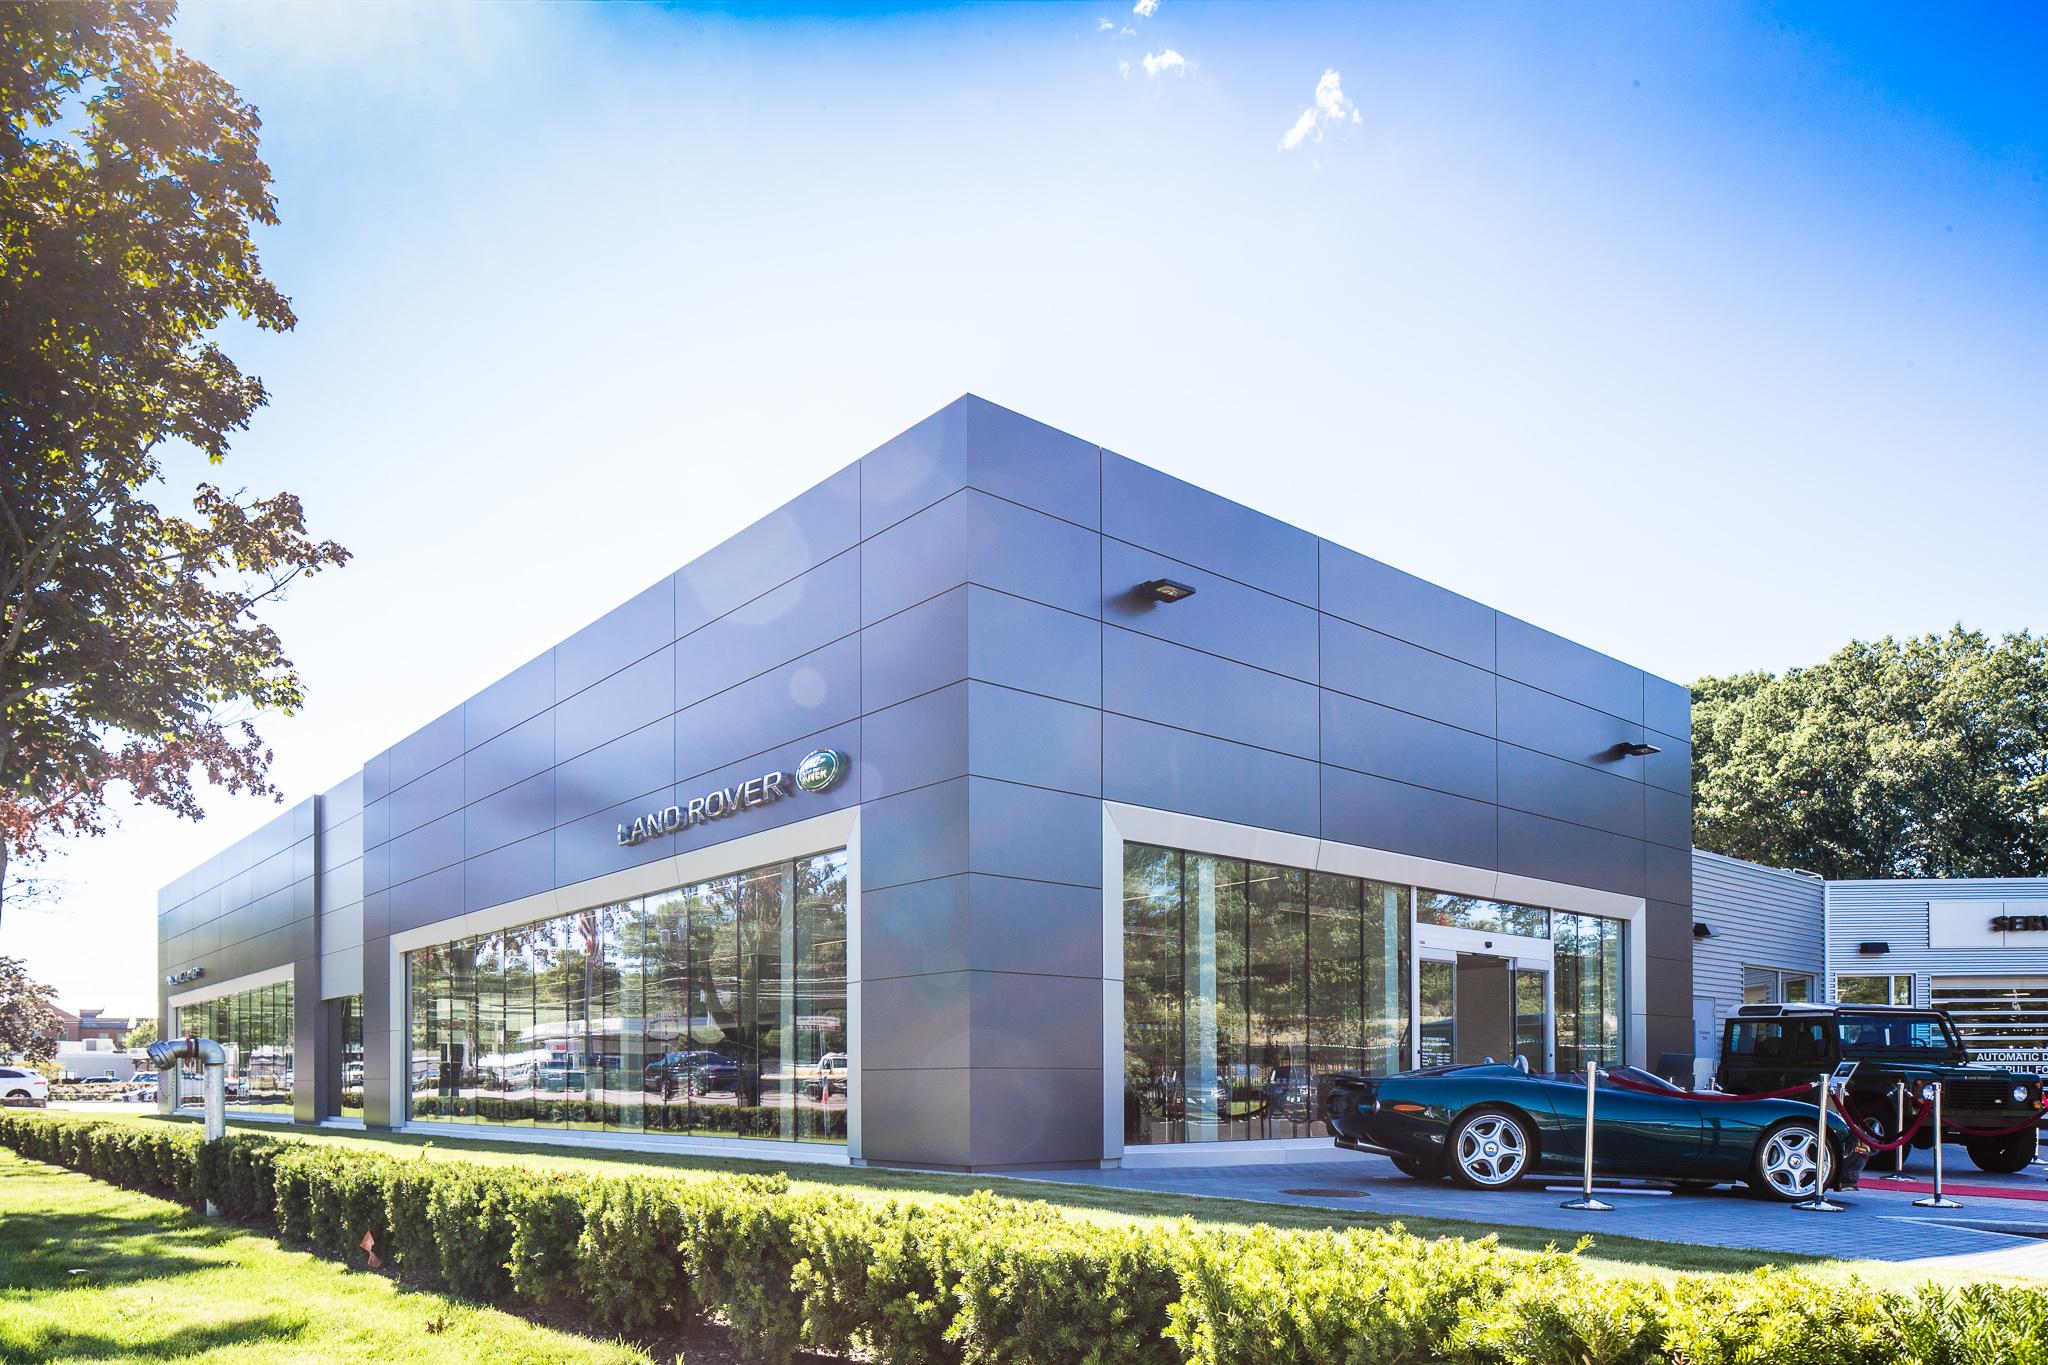 Penske Jlr Dealership First To Adopt New Global Design